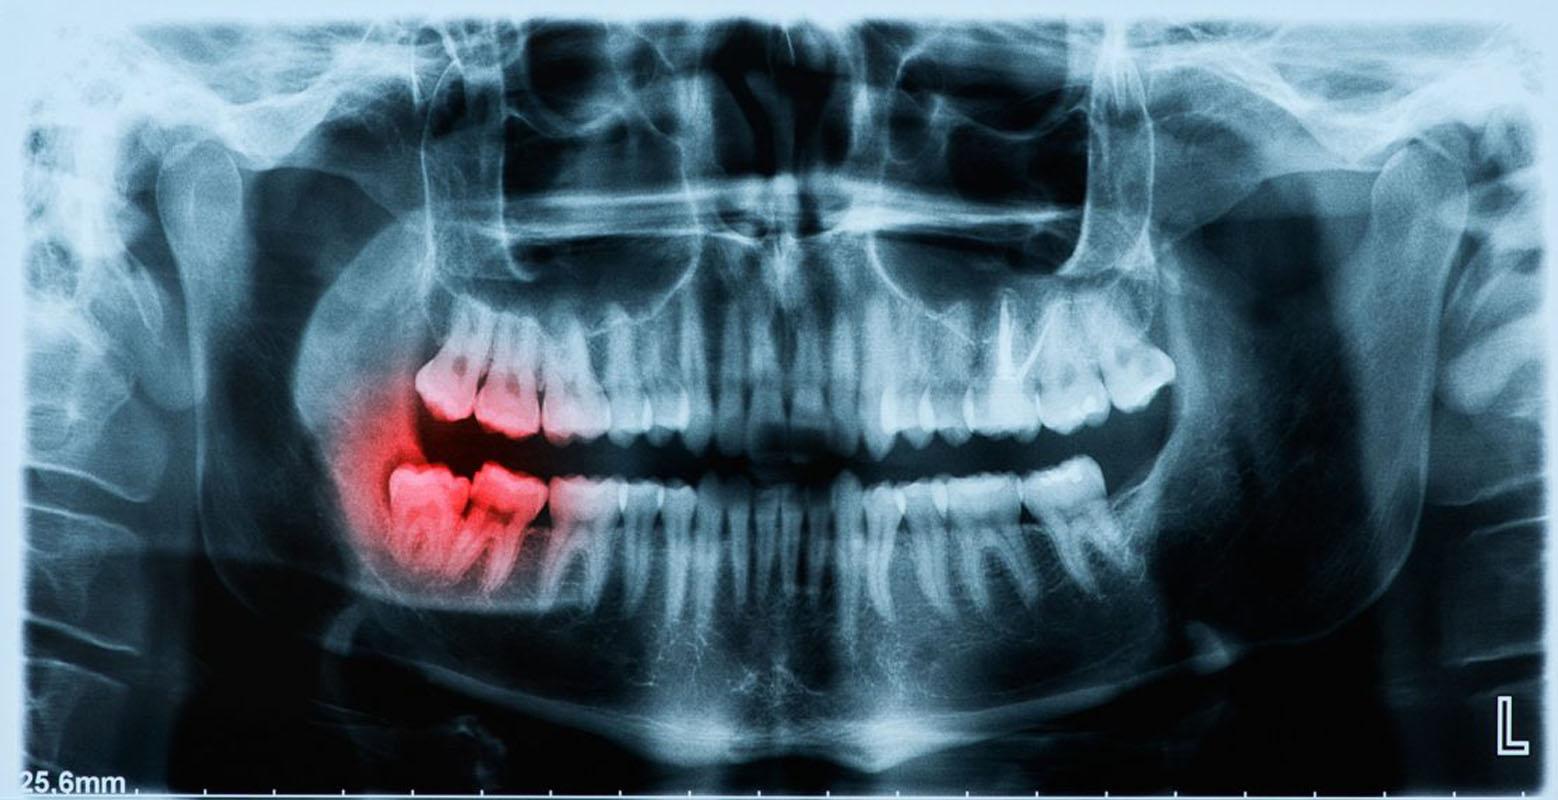 Summit Oral & Maxillofacial Surgery